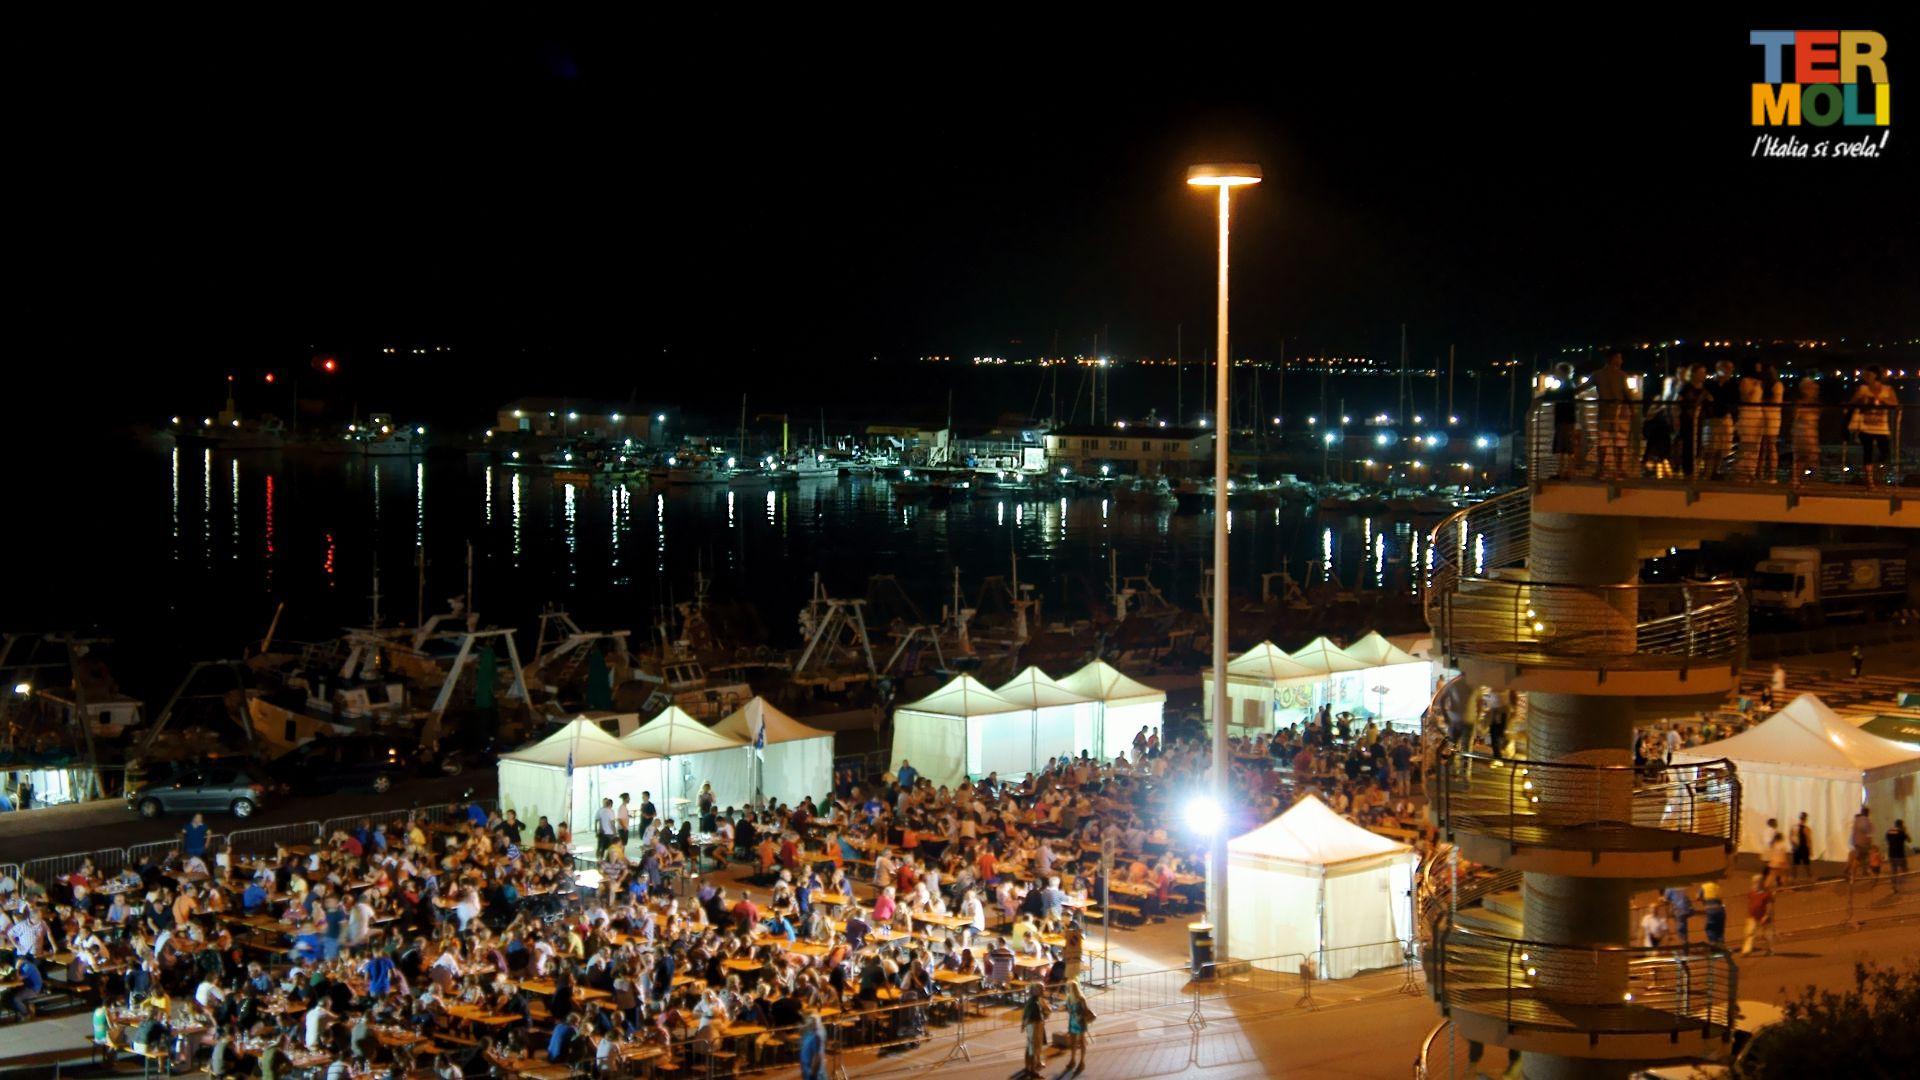 Sagra del pesce azienda autonoma di soggiorno e turismo for Azienda soggiorno e turismo termoli